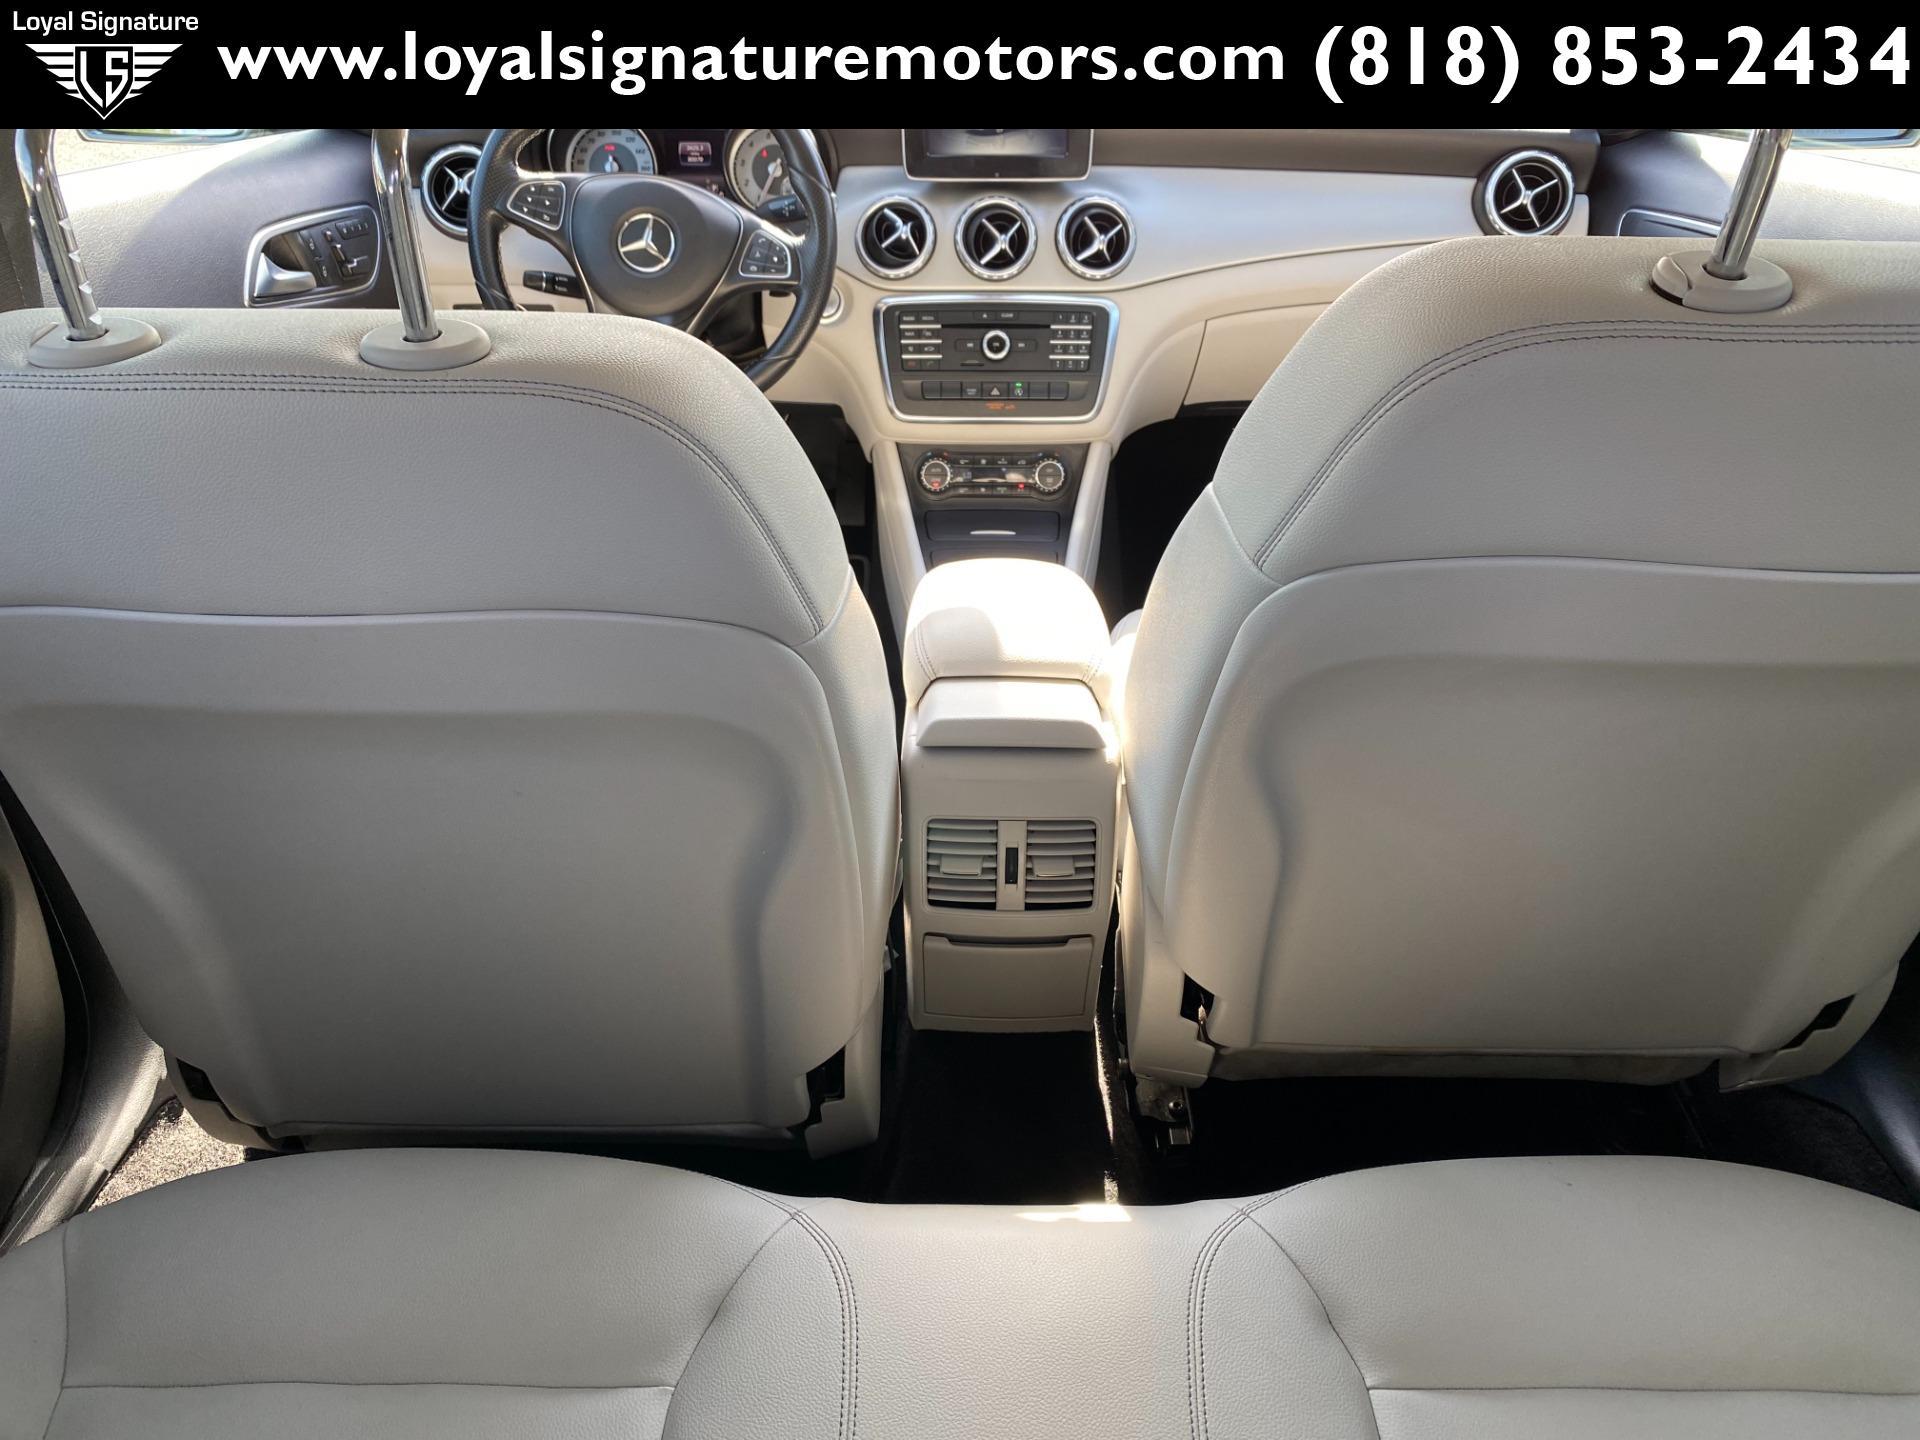 Used-2016-Mercedes-Benz-GLA-GLA-250